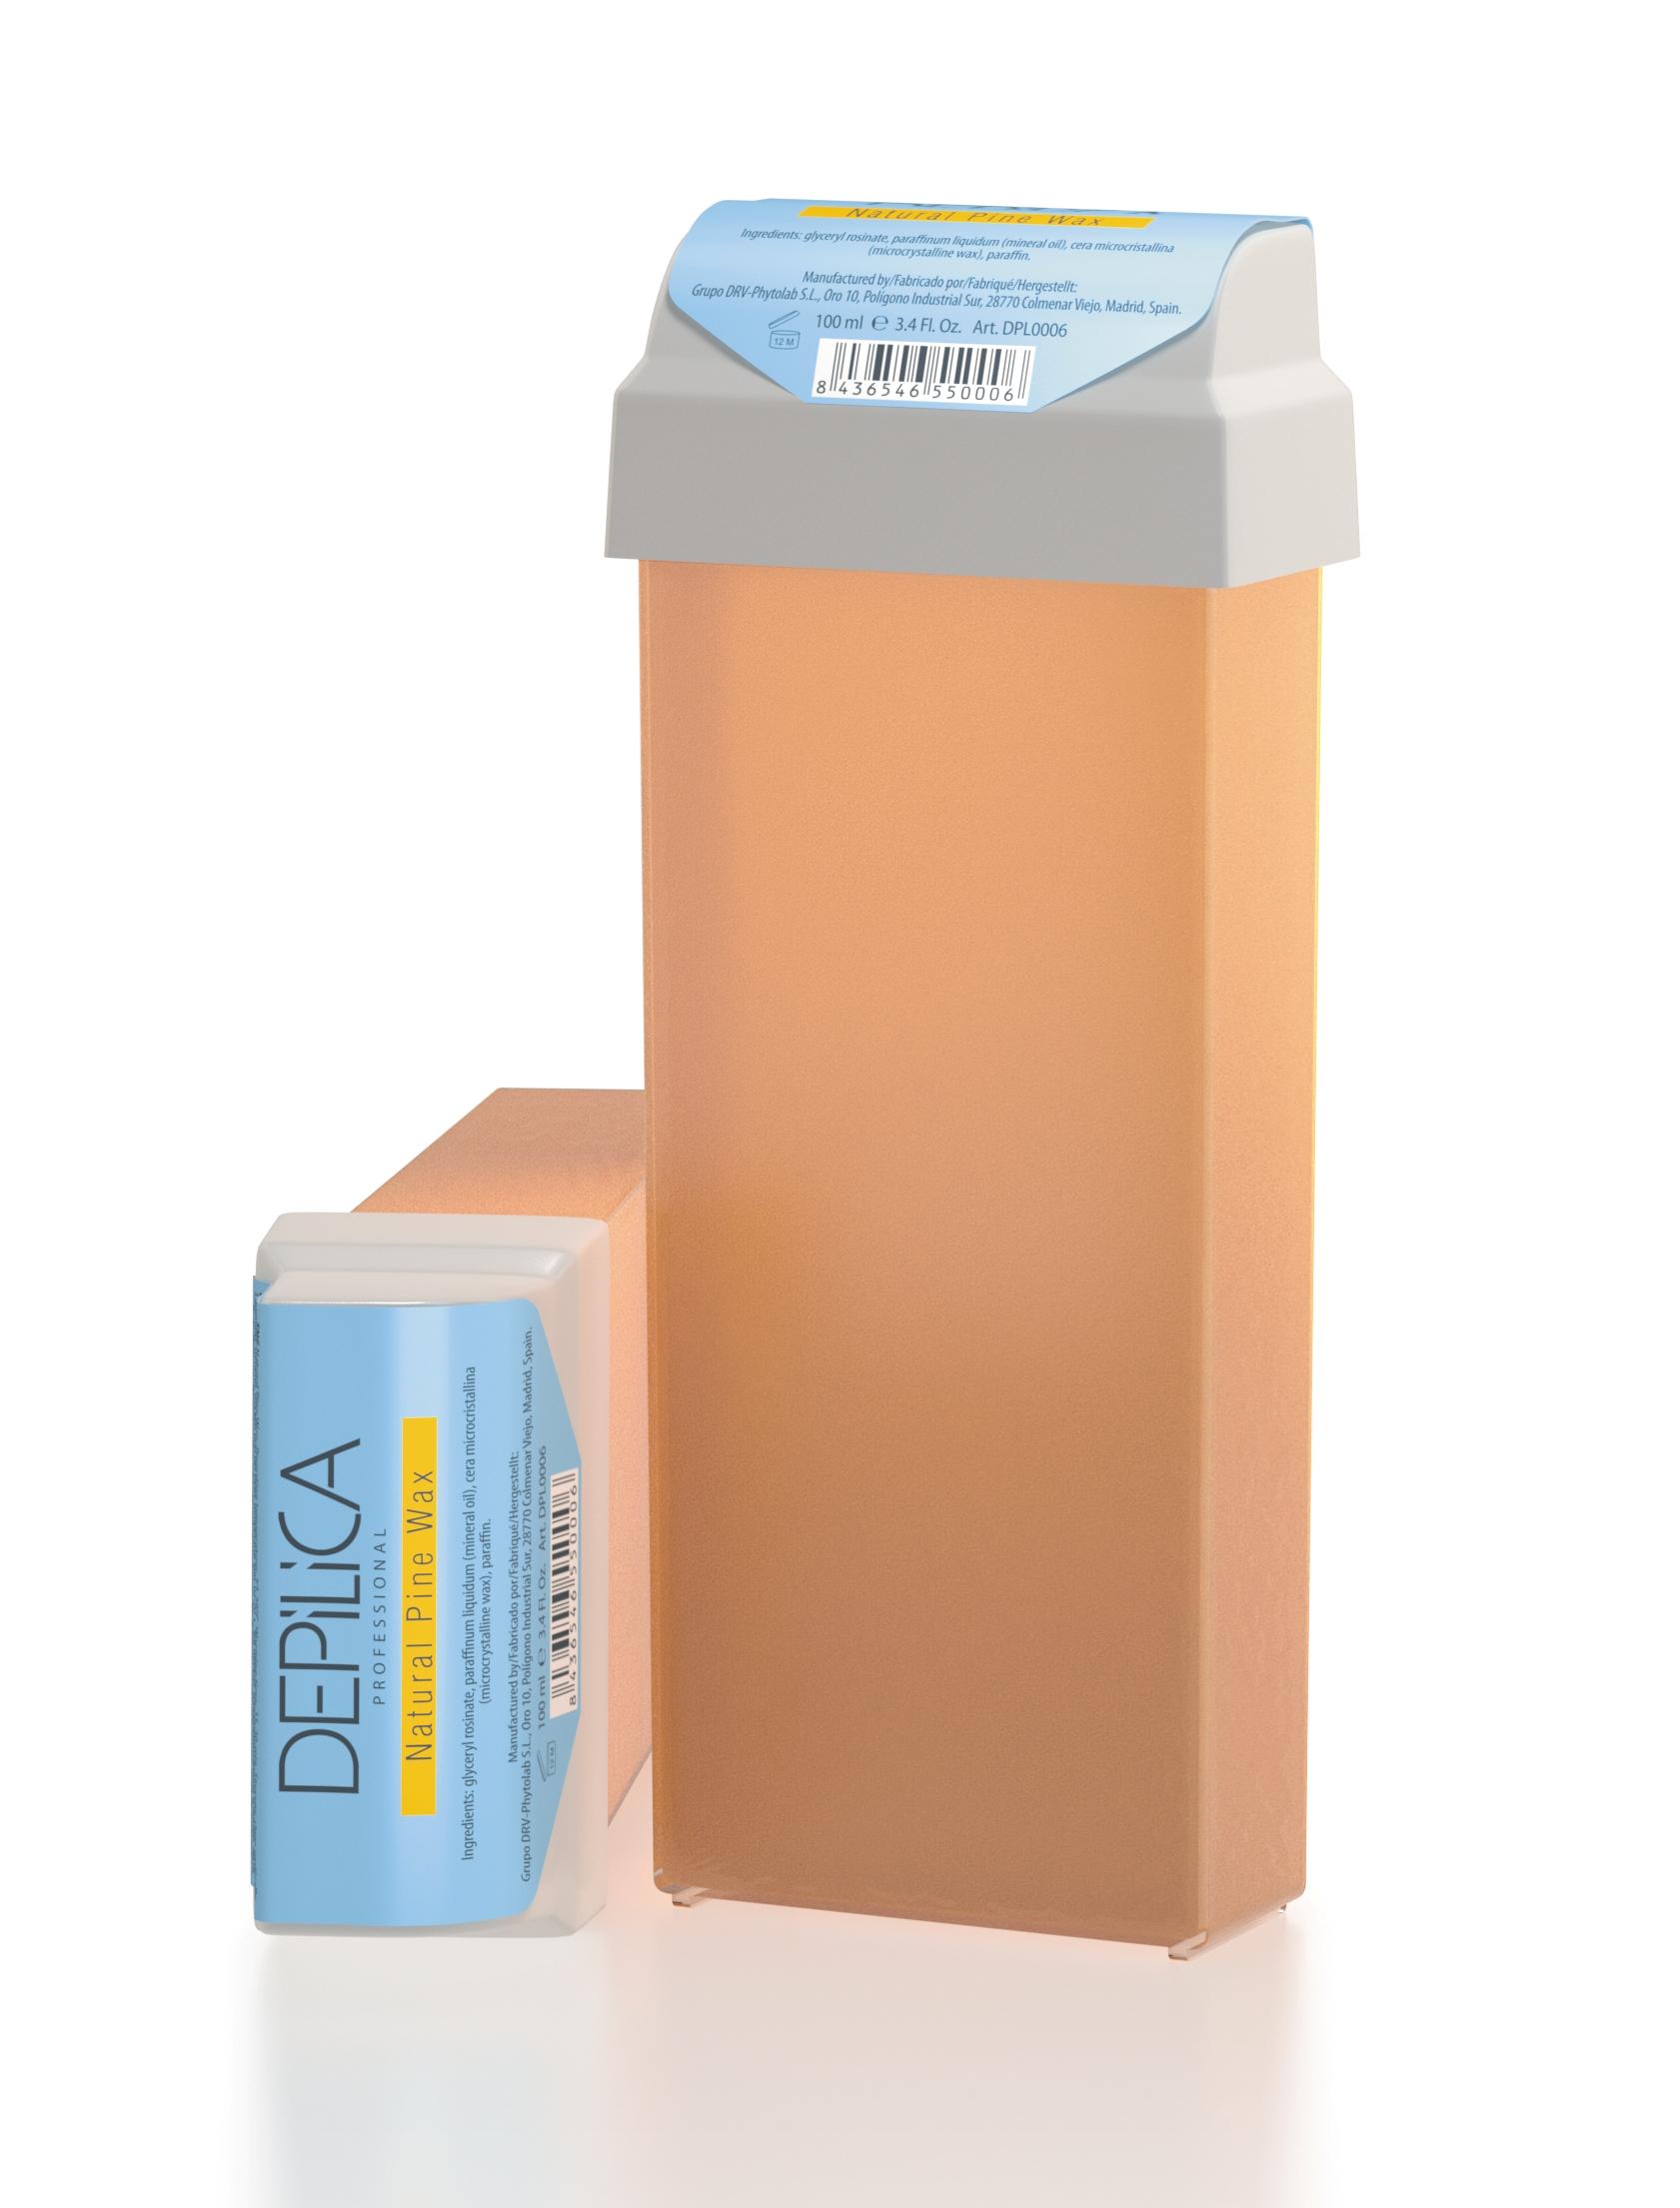 DEPILICA PROFESSIONAL Воск теплый с сосновой смолой / Natural Pine Warm Wax 100млВоски<br>Содержит сосновую смолу и растительные масла. Обеспечивает эффективное удаление волос, оказывает успокаивающее действие, защищает кожу. Имеет прозрачную текстуру, удобен в использовании. Рекомендуется для начинающих мастеров. Универсальные картриджи воска подходят для всех стандартных нагревателей. Они оснащены роликом-аппликатором что очень удобно для быстрого и чистого нанесения.<br>